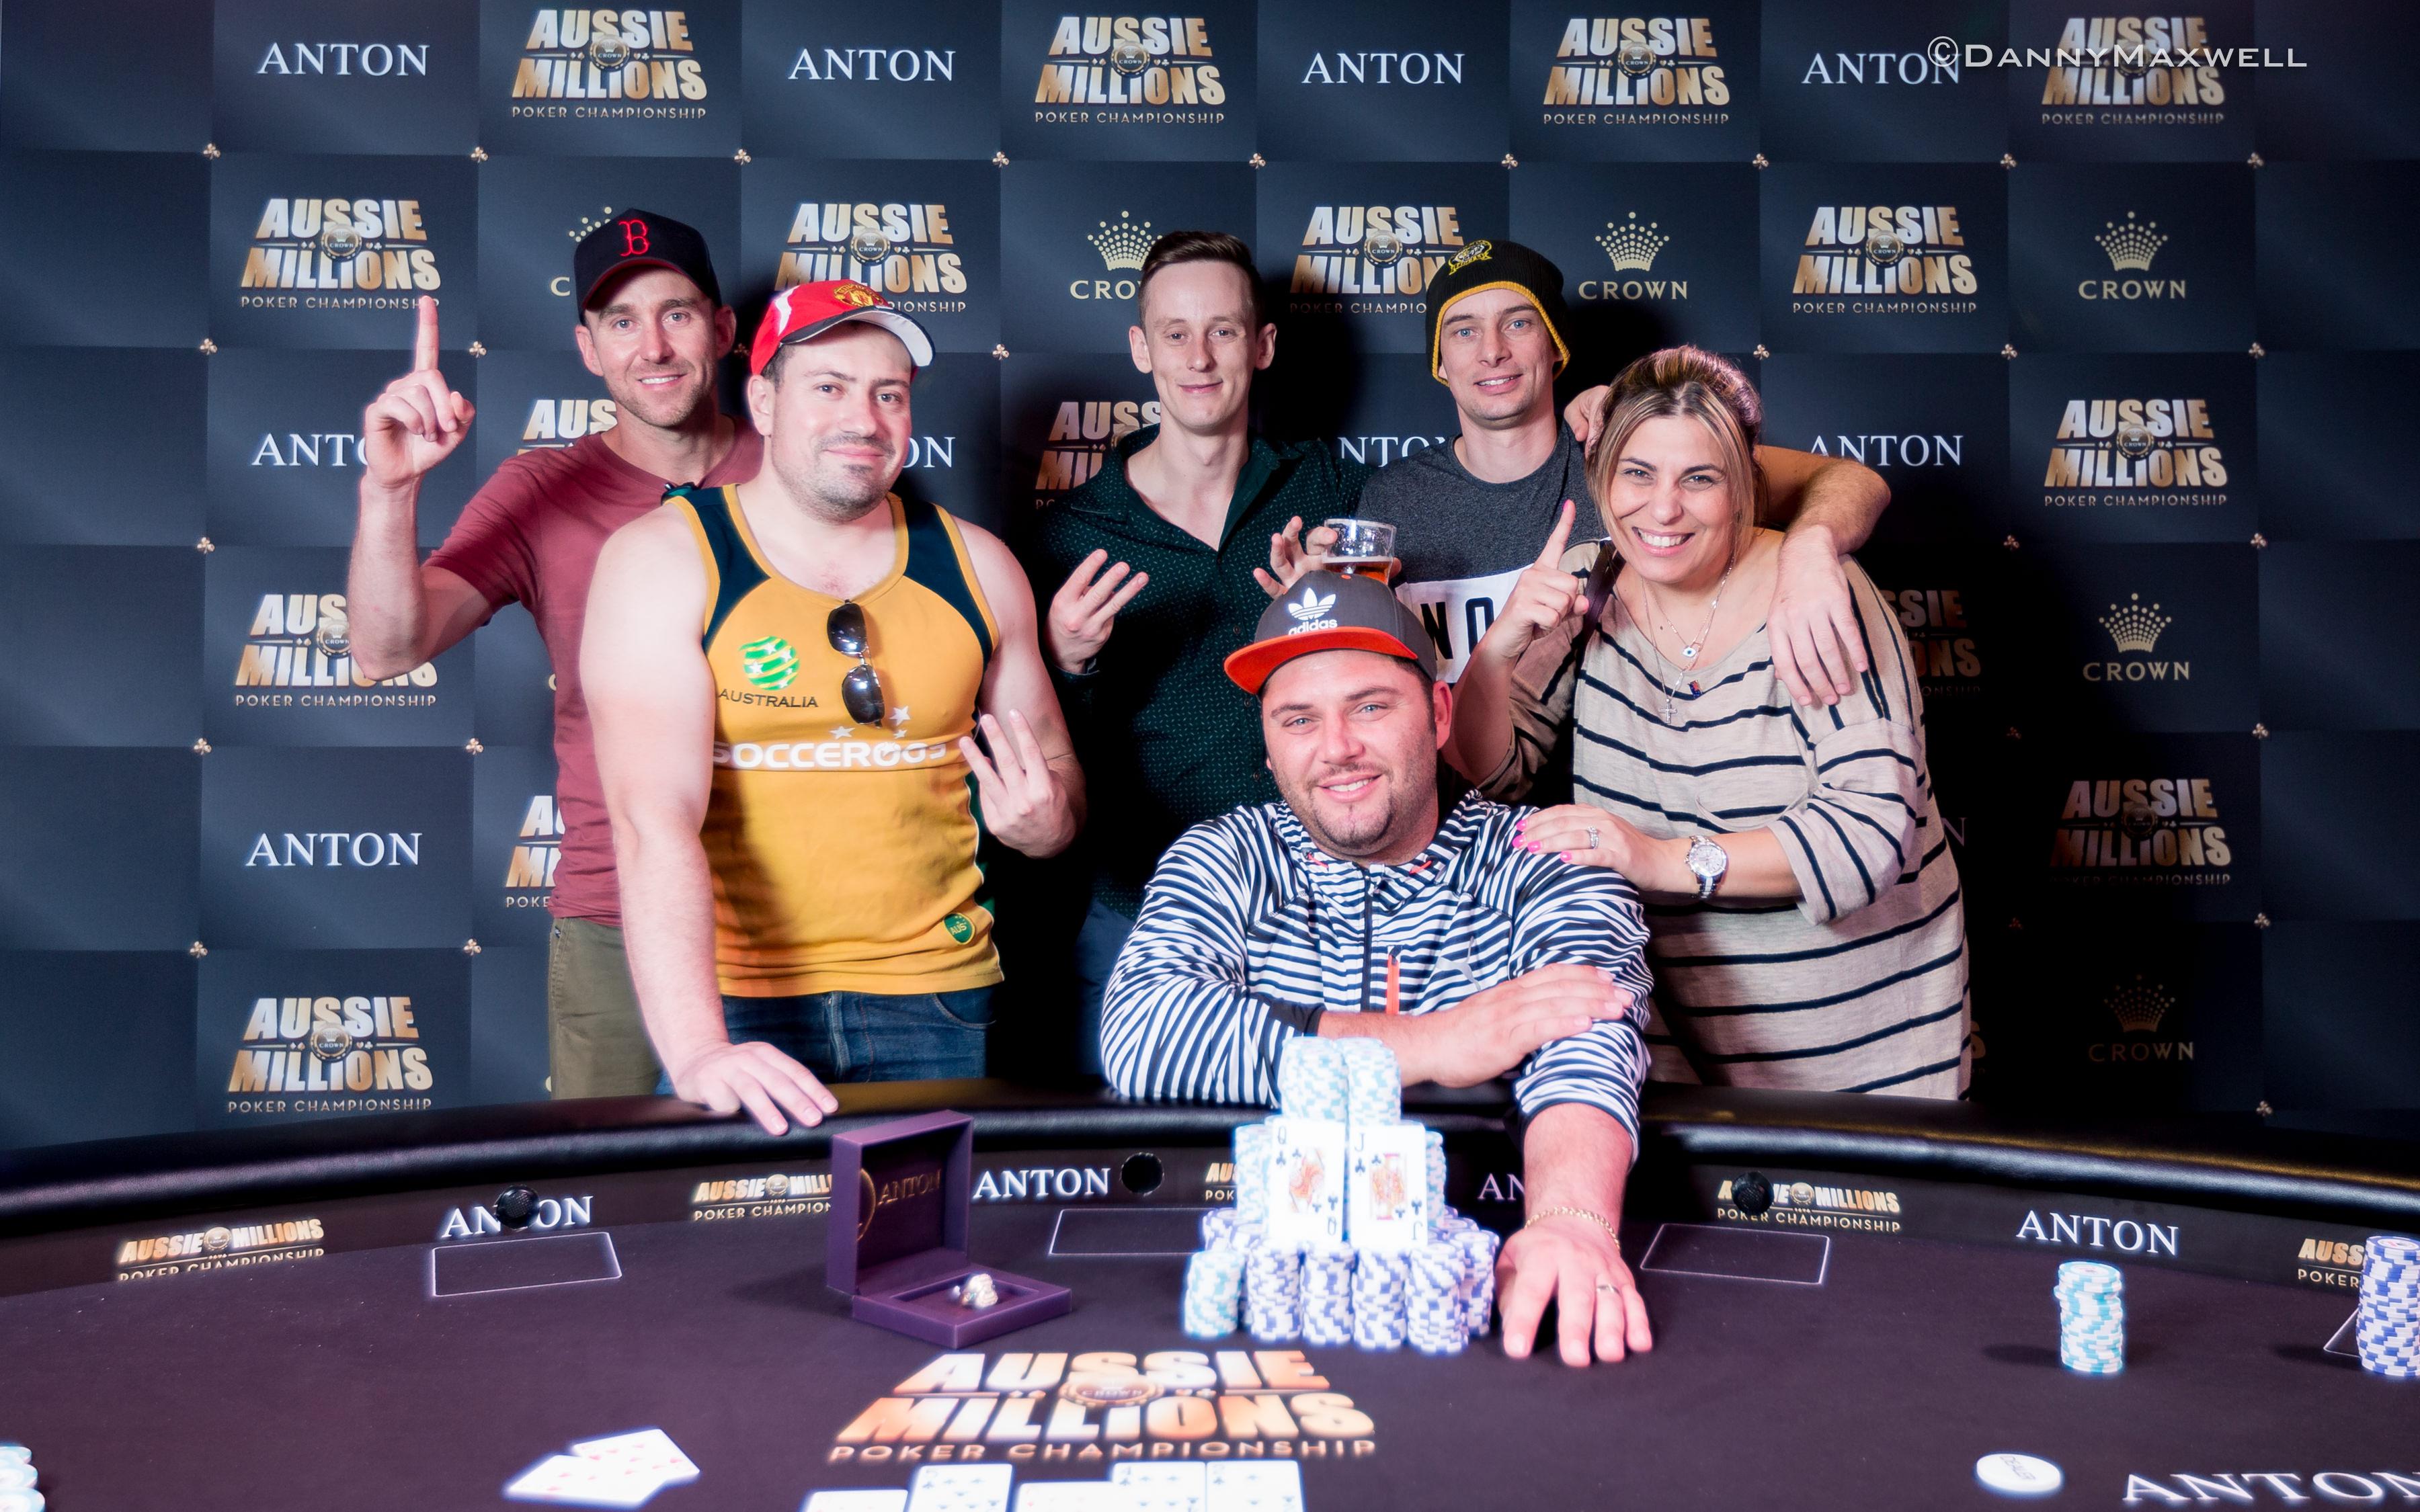 George Psarras Wins Aussie Millions Event #17 101